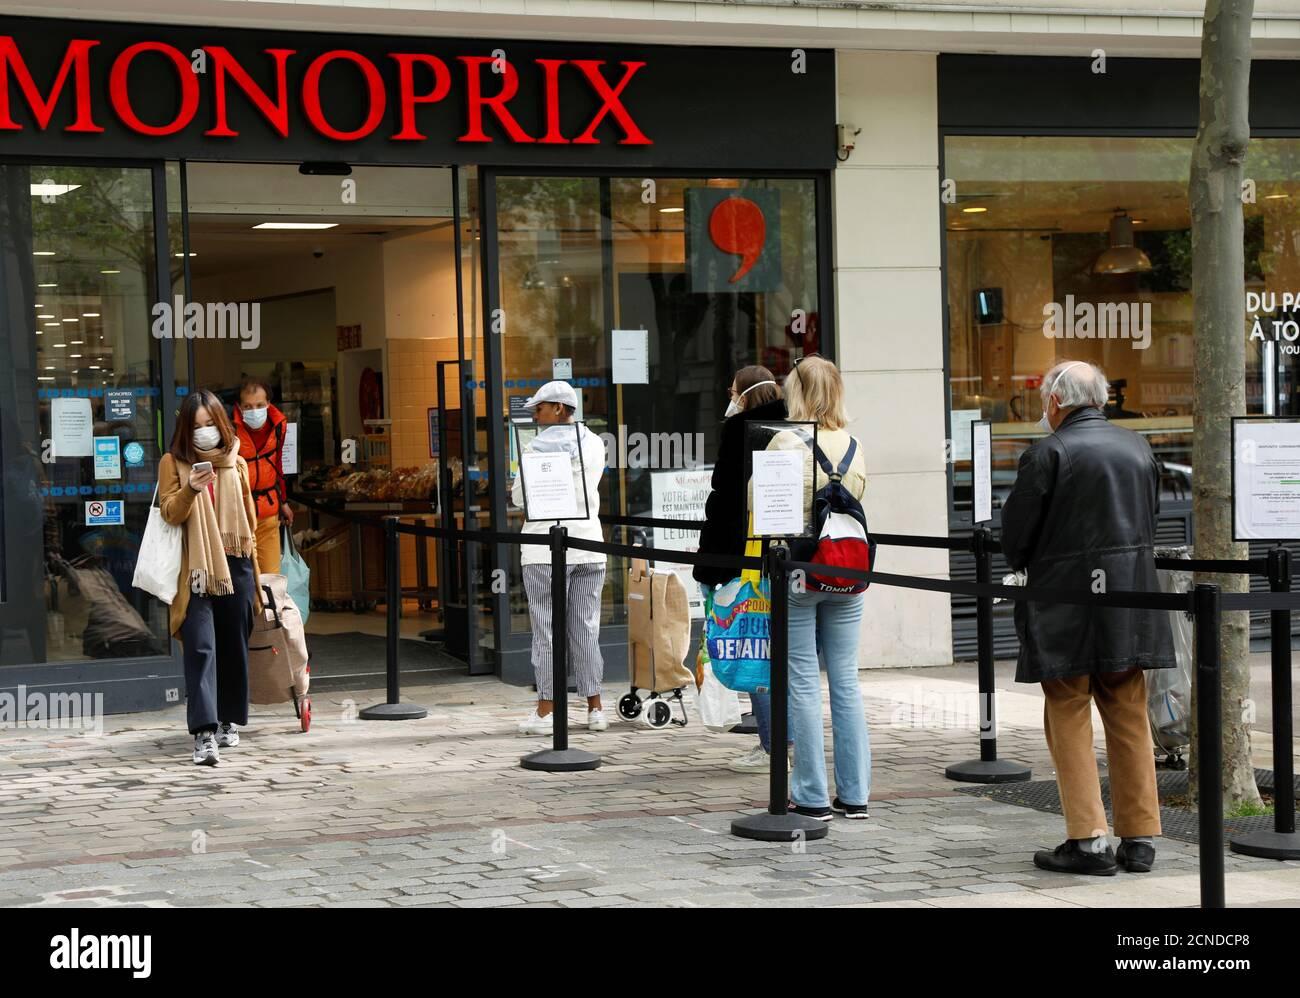 Paris Monoprix Supermarkt Stockfotos Und Bilder Kaufen Alamy